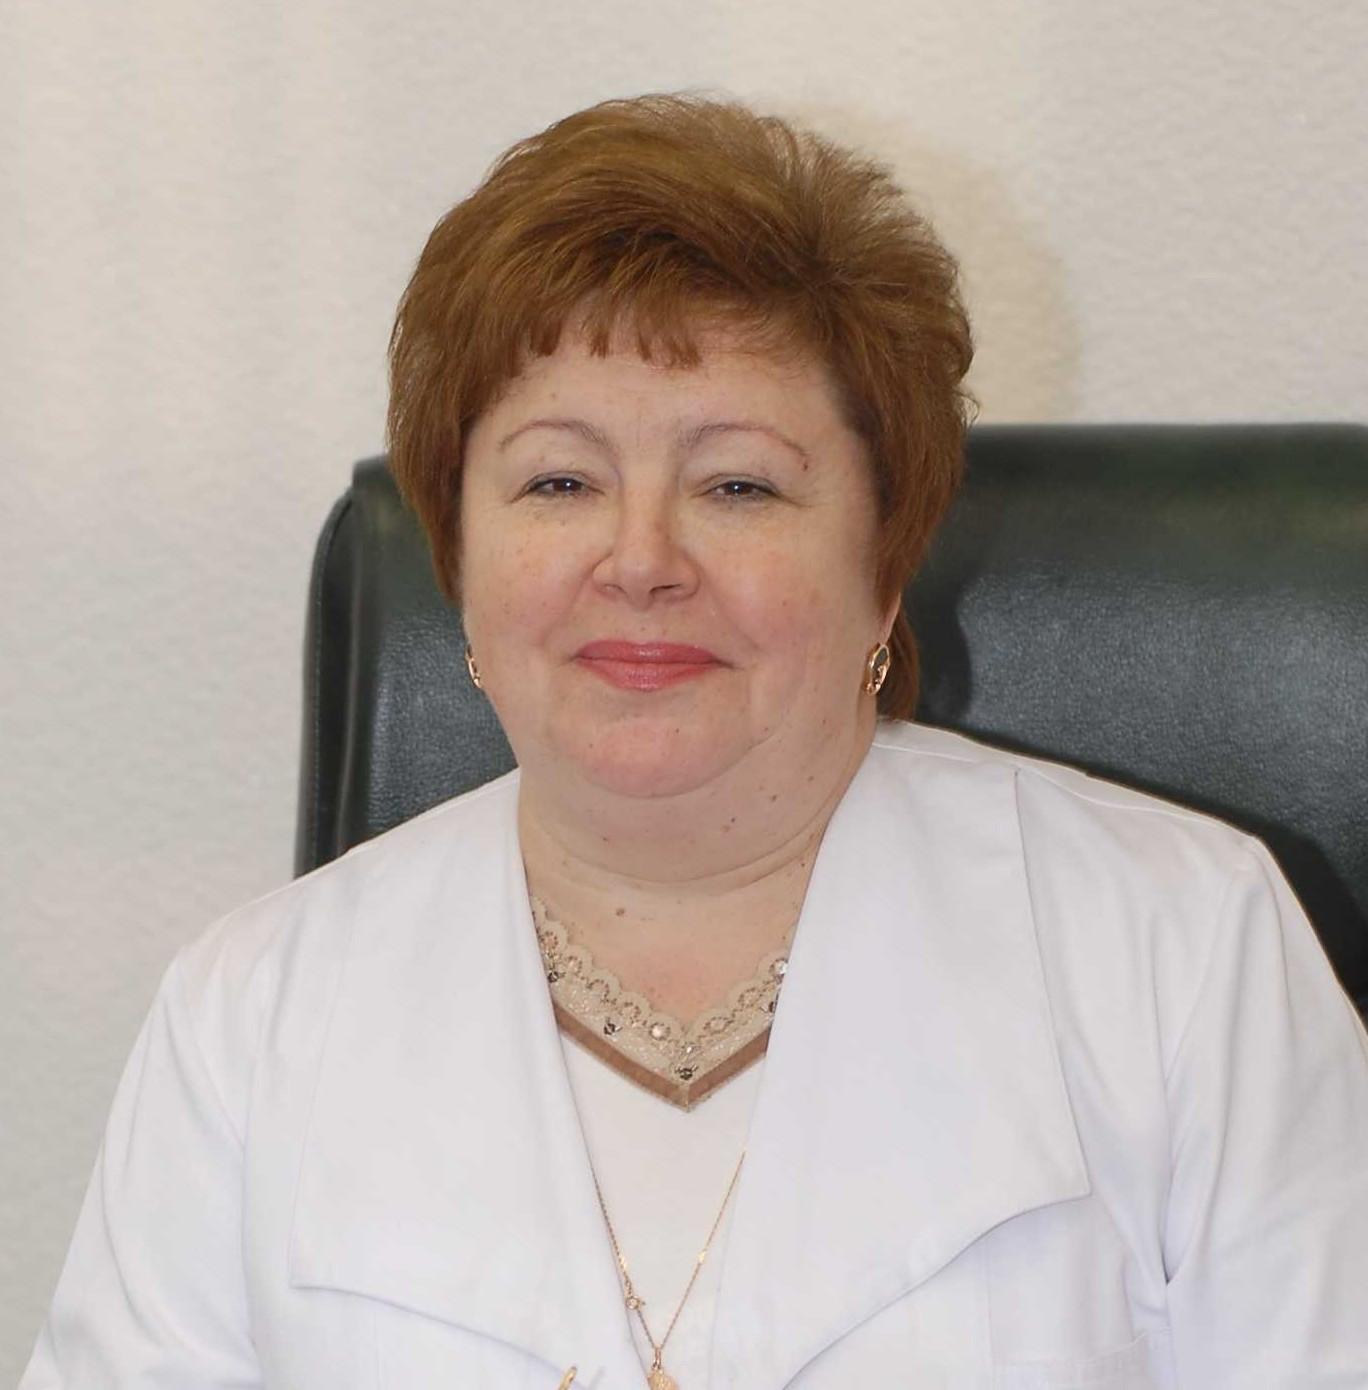 Сызранский медколледж 900 фото Л.А. Пономаревой